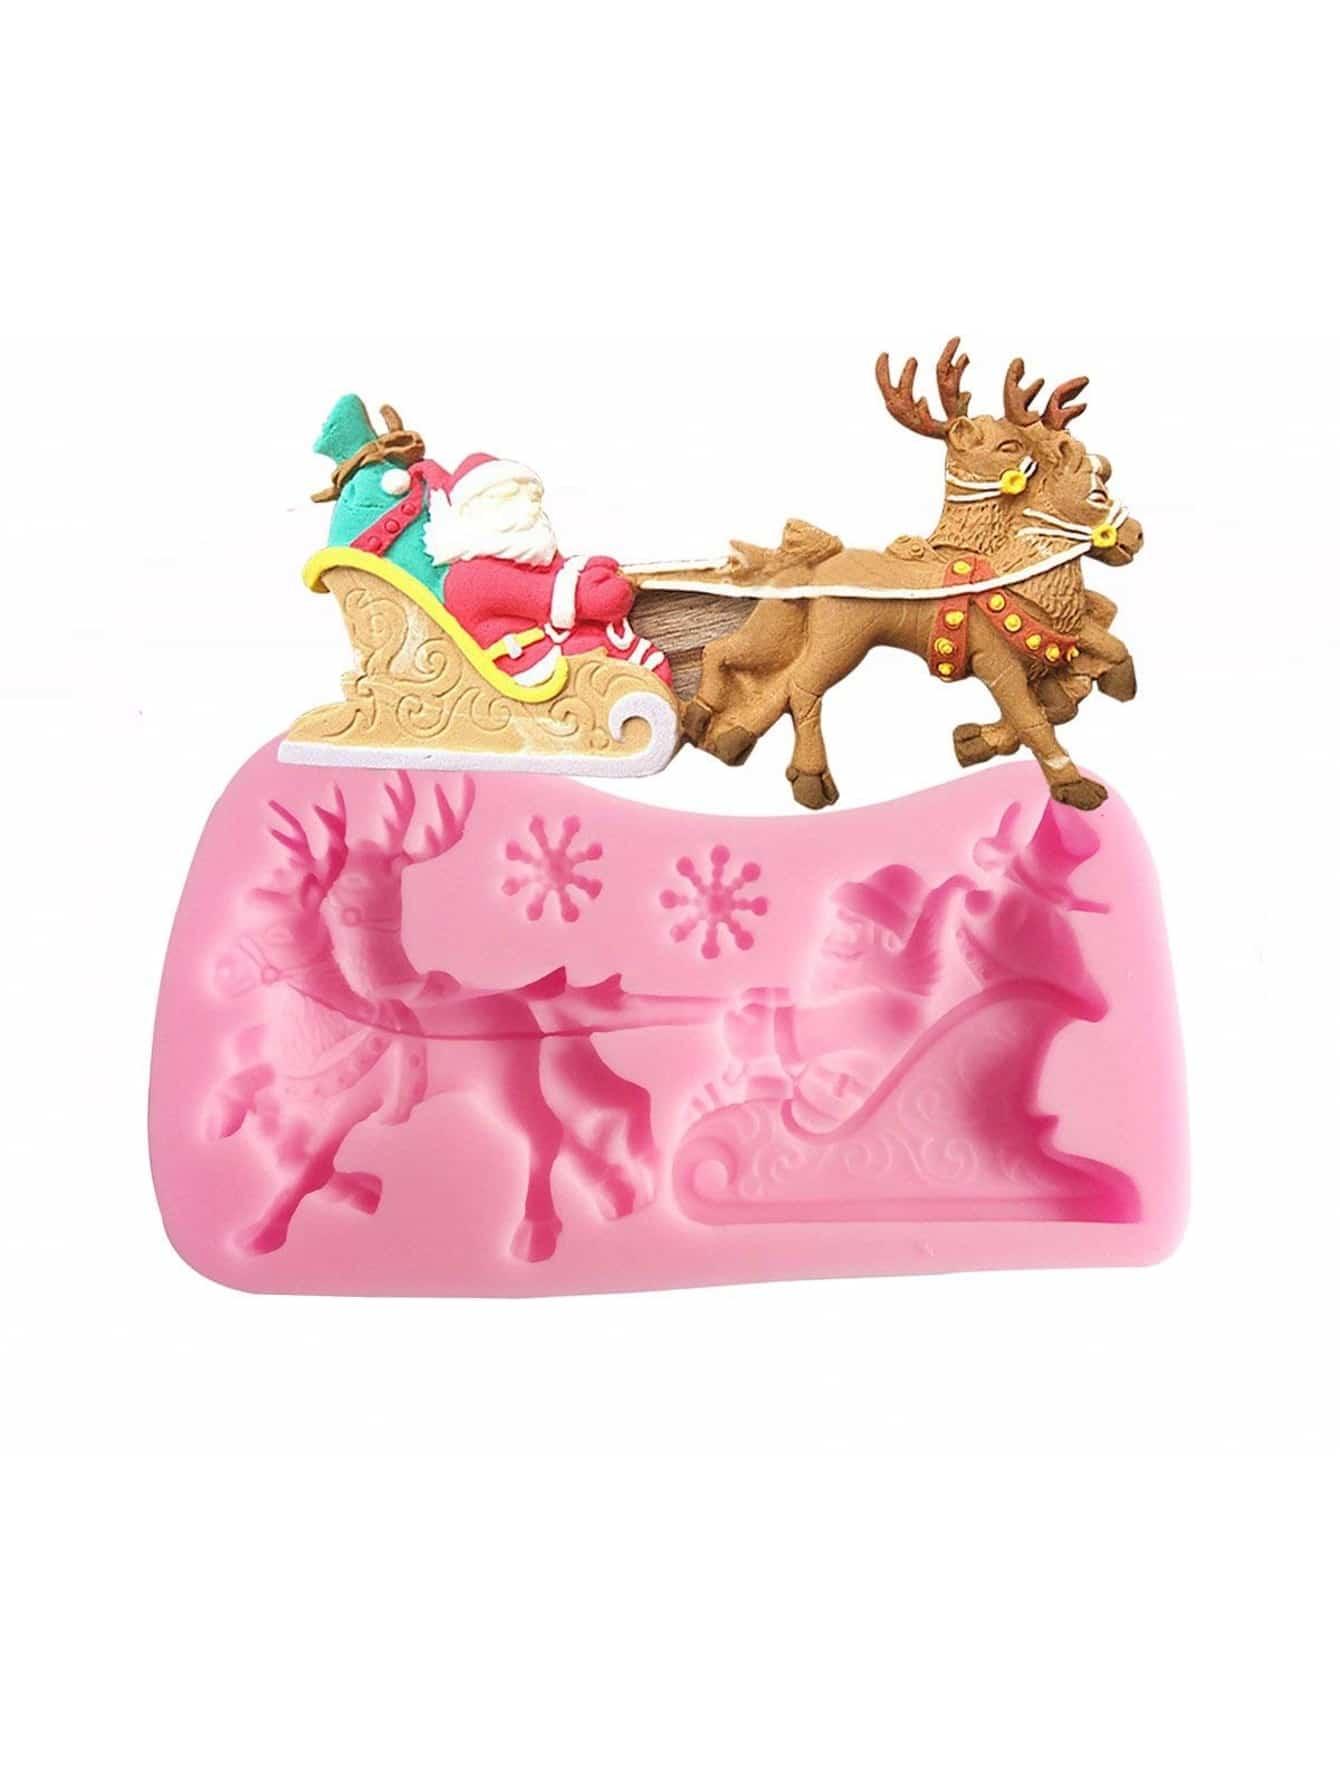 Купить Формовка для выпечки в форме рождественской оленя 1 шт, null, SheIn